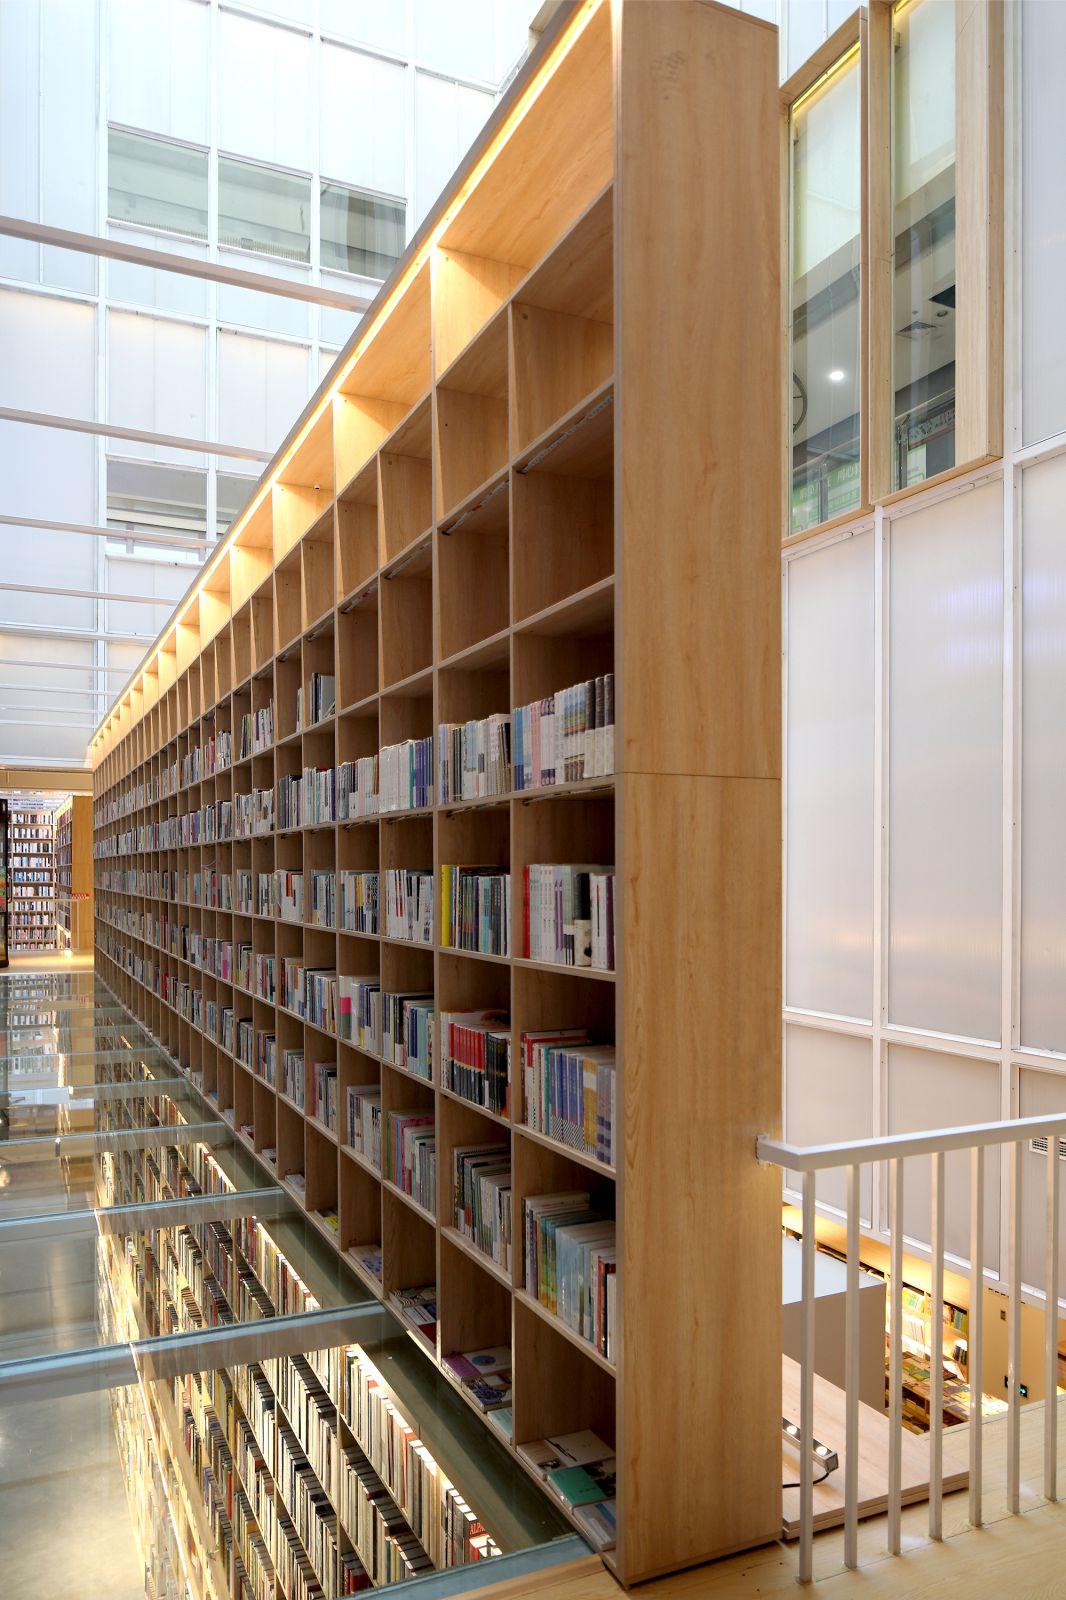 Meijing Bookstore